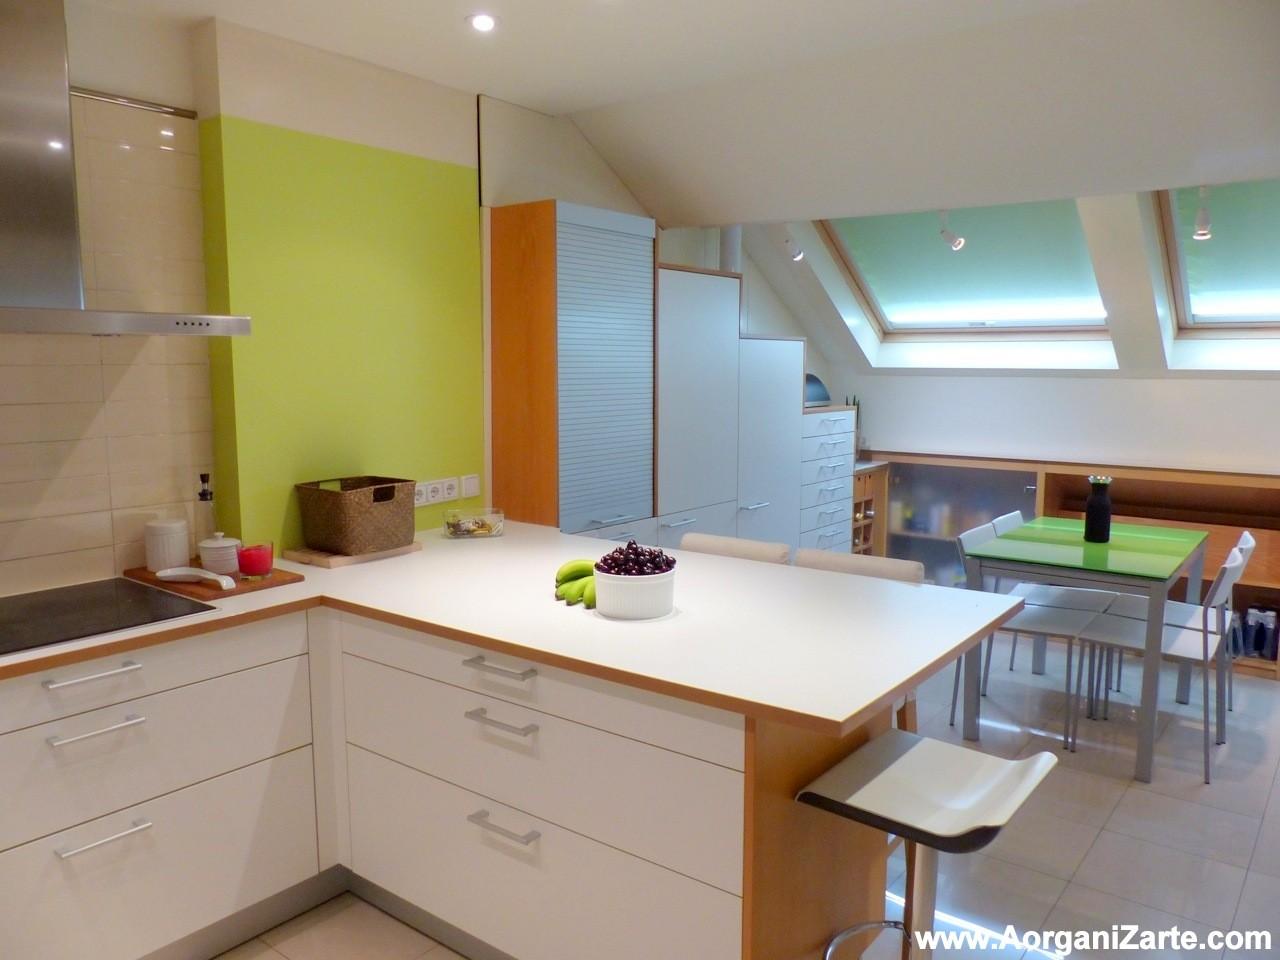 Organiza y planifica el men organ zate de la a a la z for Planifica tu cocina